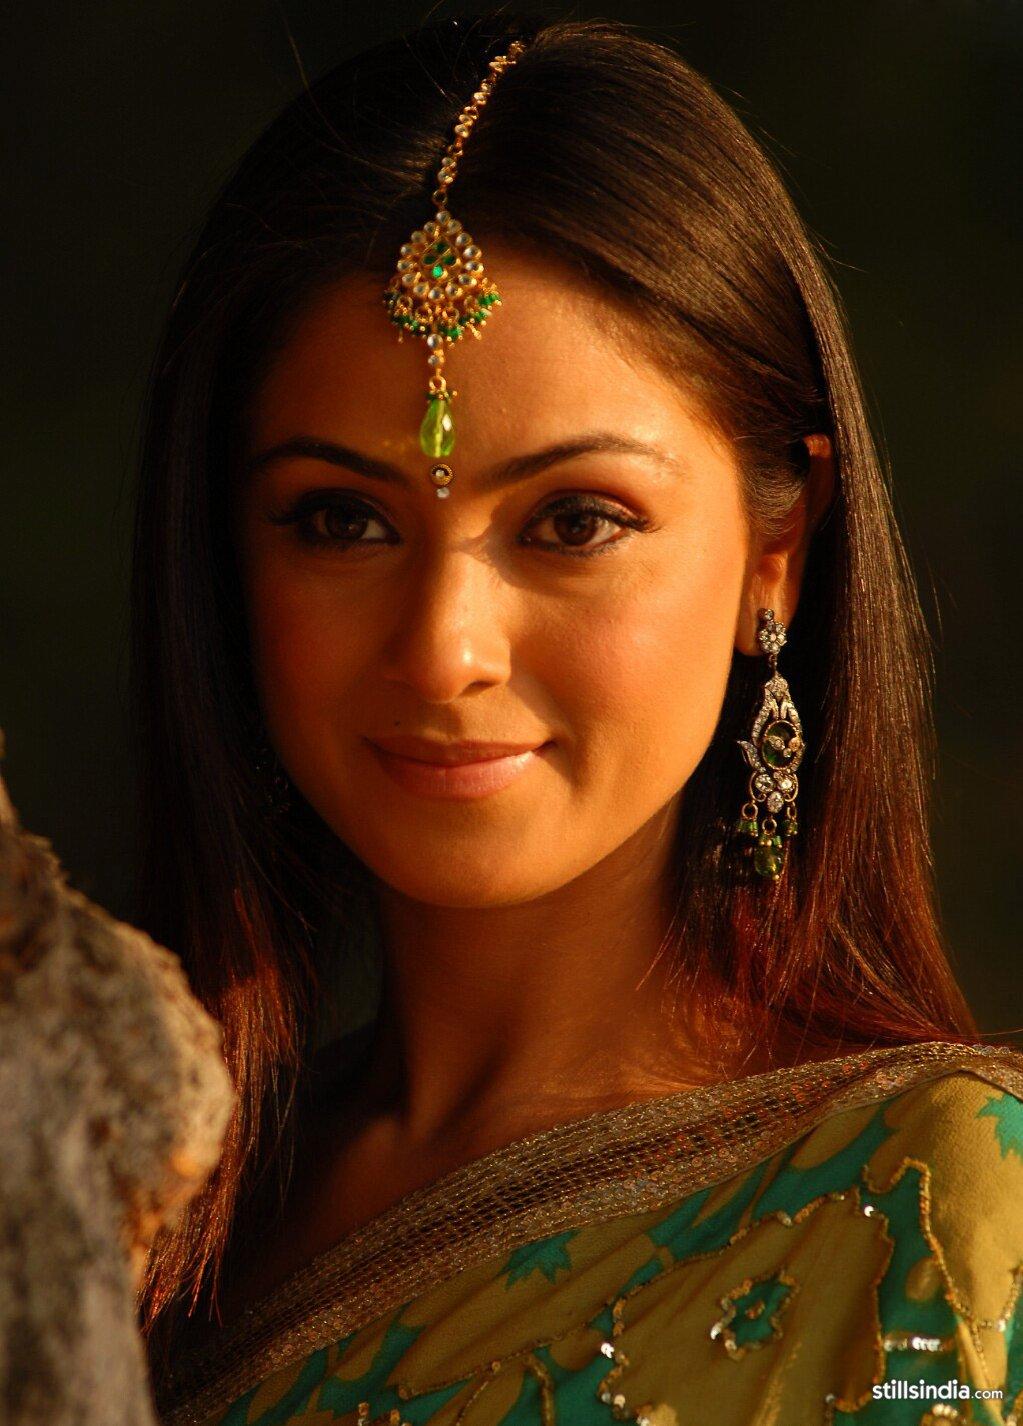 Indian Actress Hd Wallpapers Indian Actress Simran Hd Wallpapers-9349